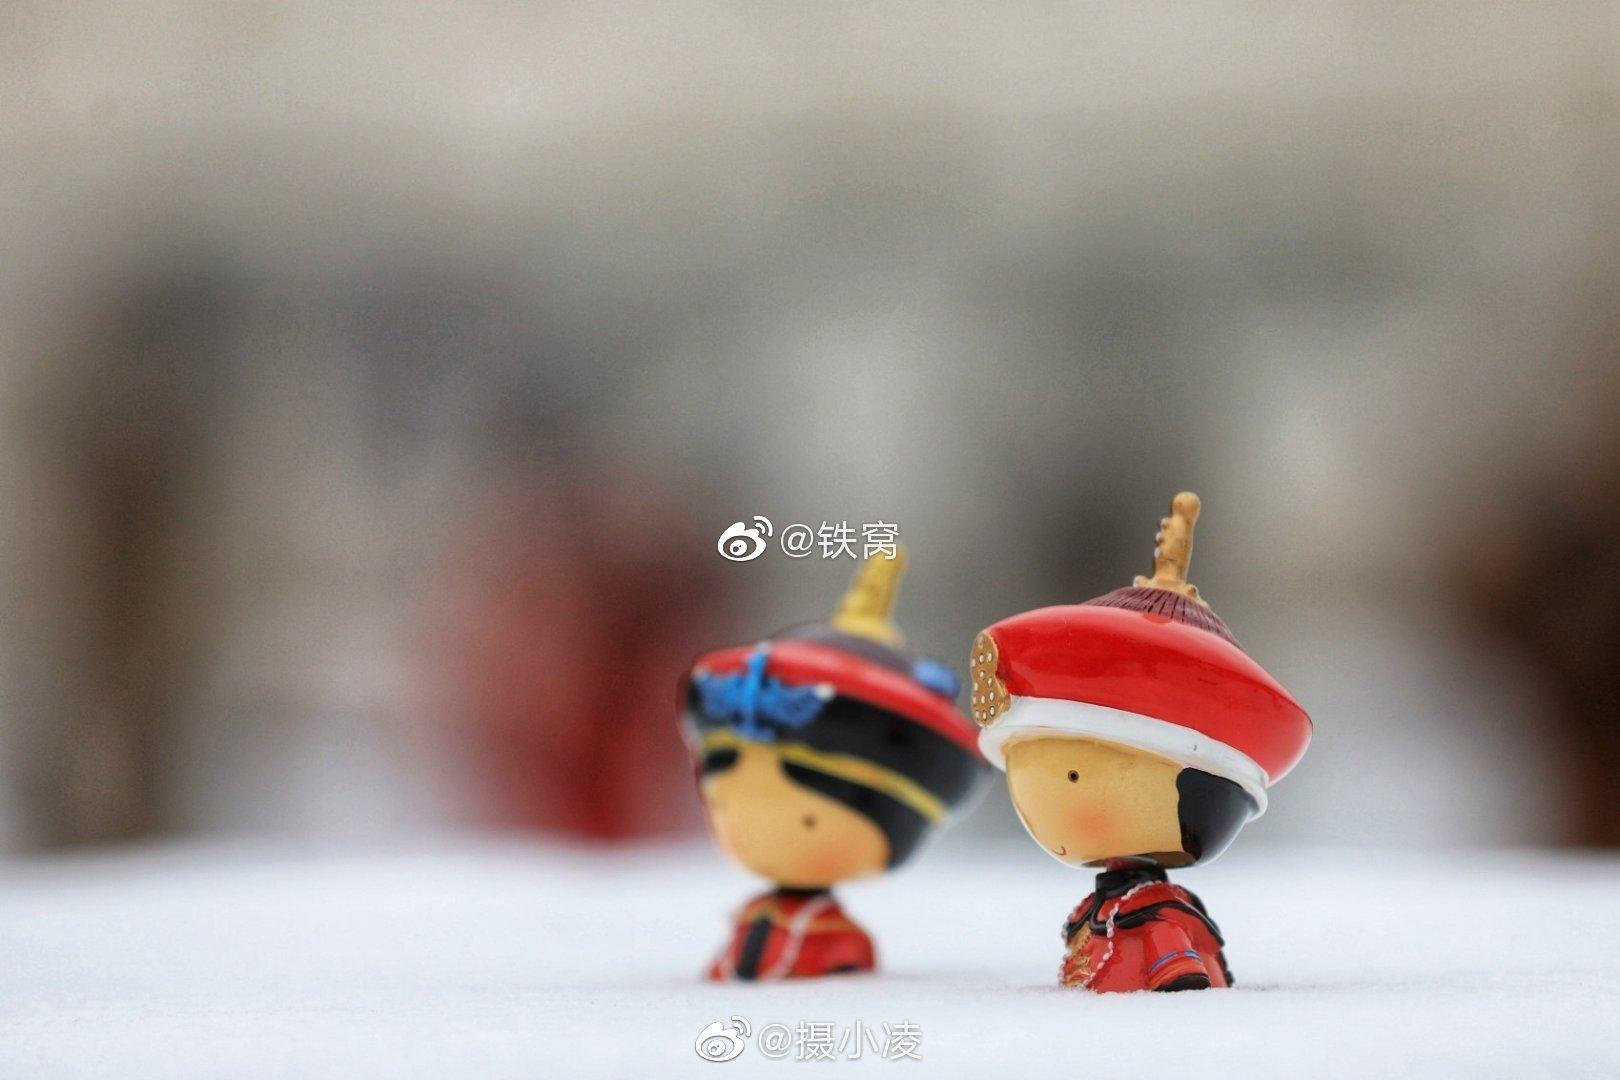 紫禁城里皇帝皇后出游踏雪  摄影人:@铁窝